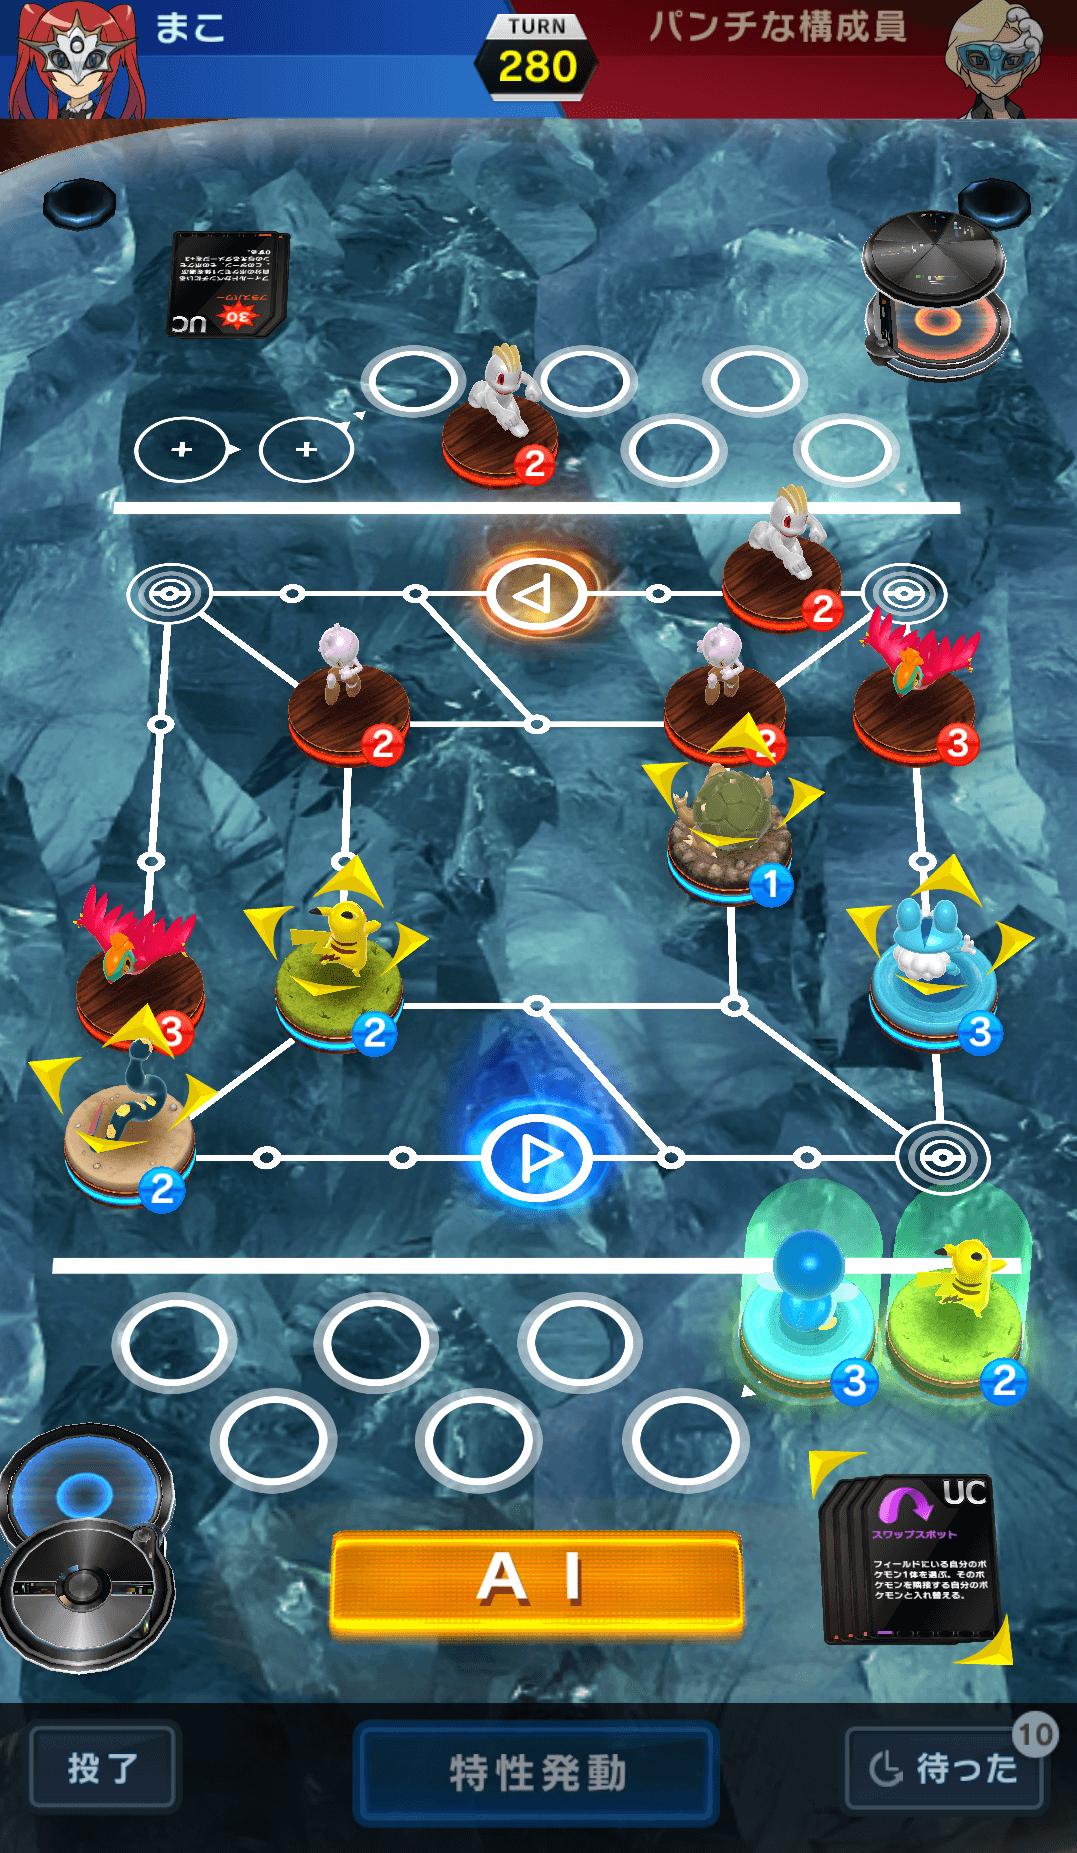 ポケモンコマスター【ゲームレビュー】 | appliv games